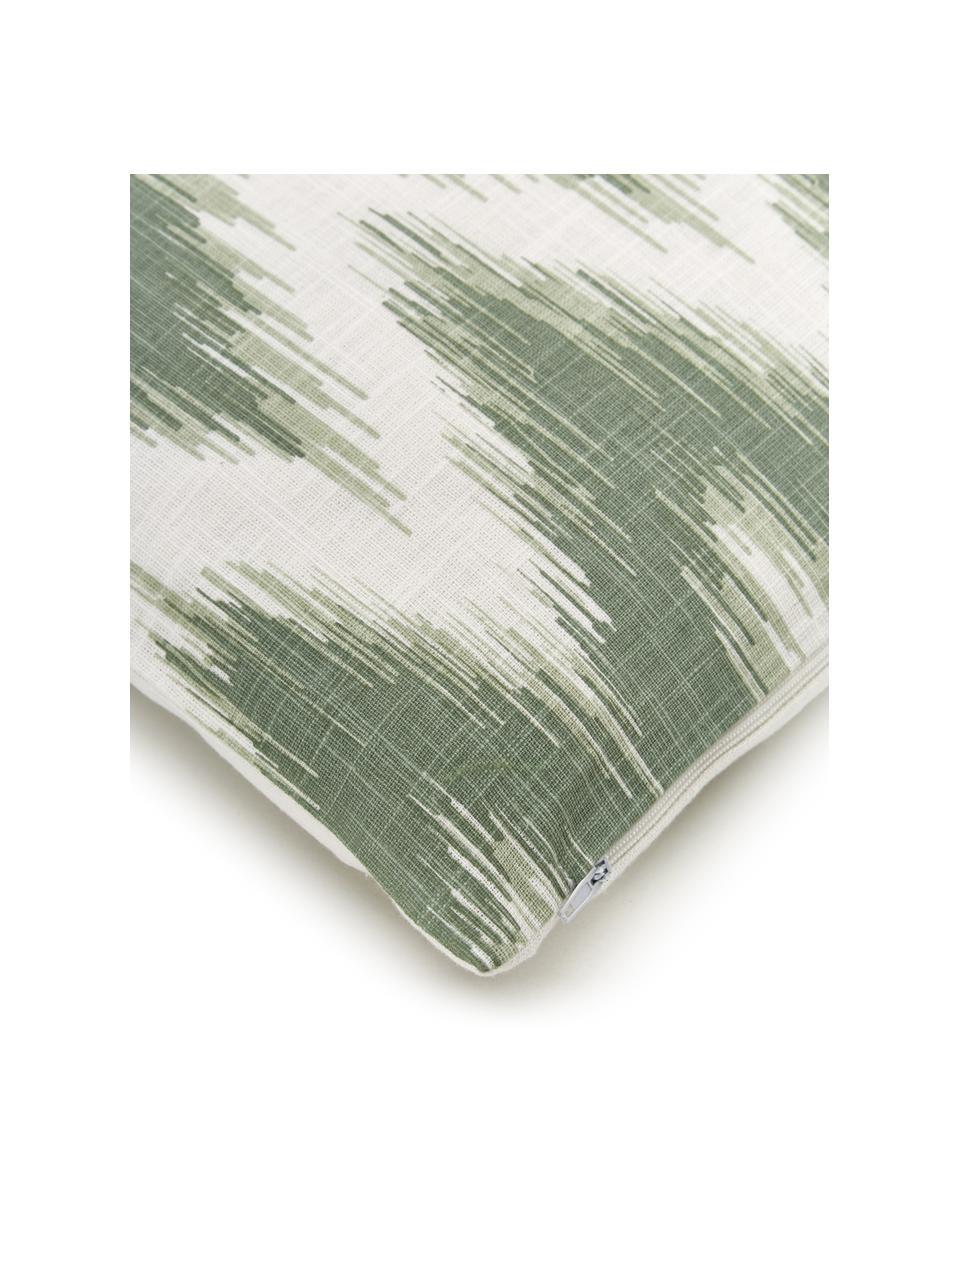 Sada povlaků na polštáře Hasan, 2 díly, Zelená